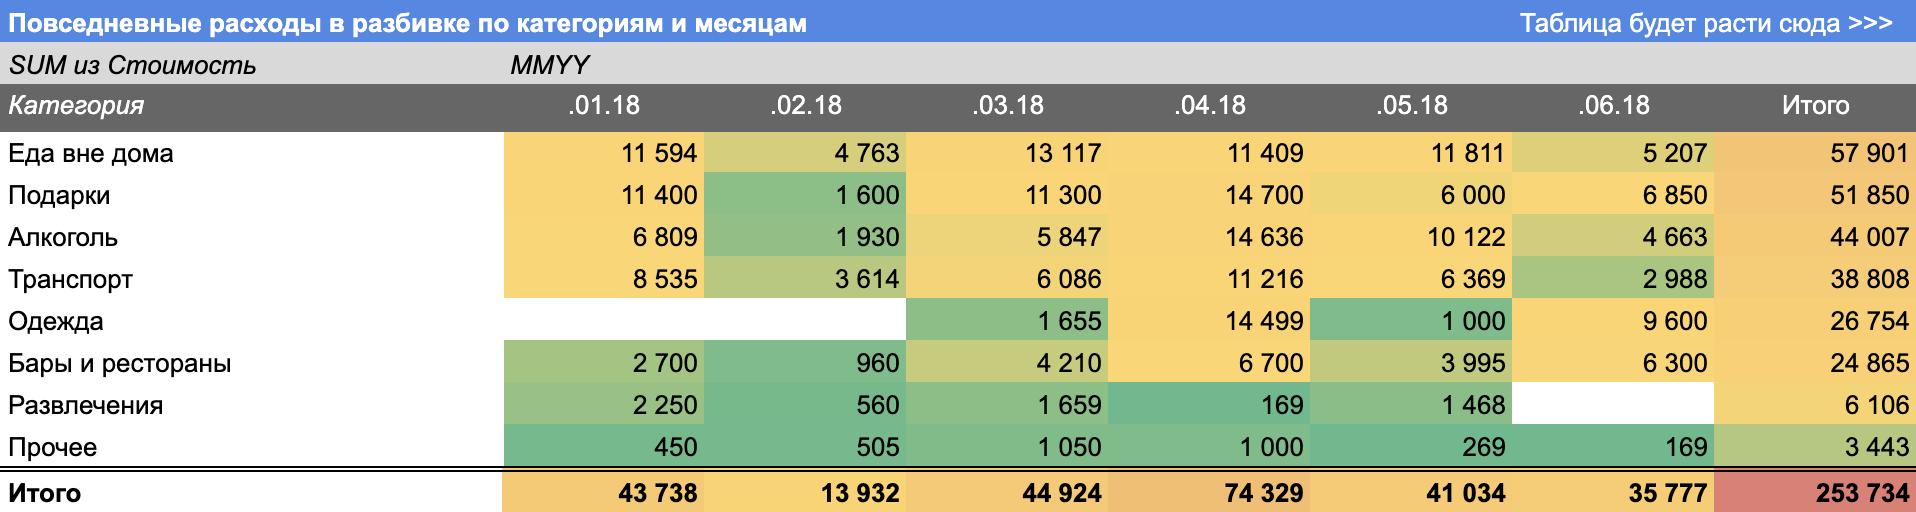 Цветовое форматирование очень наглядно показывает проблемные категории расходов